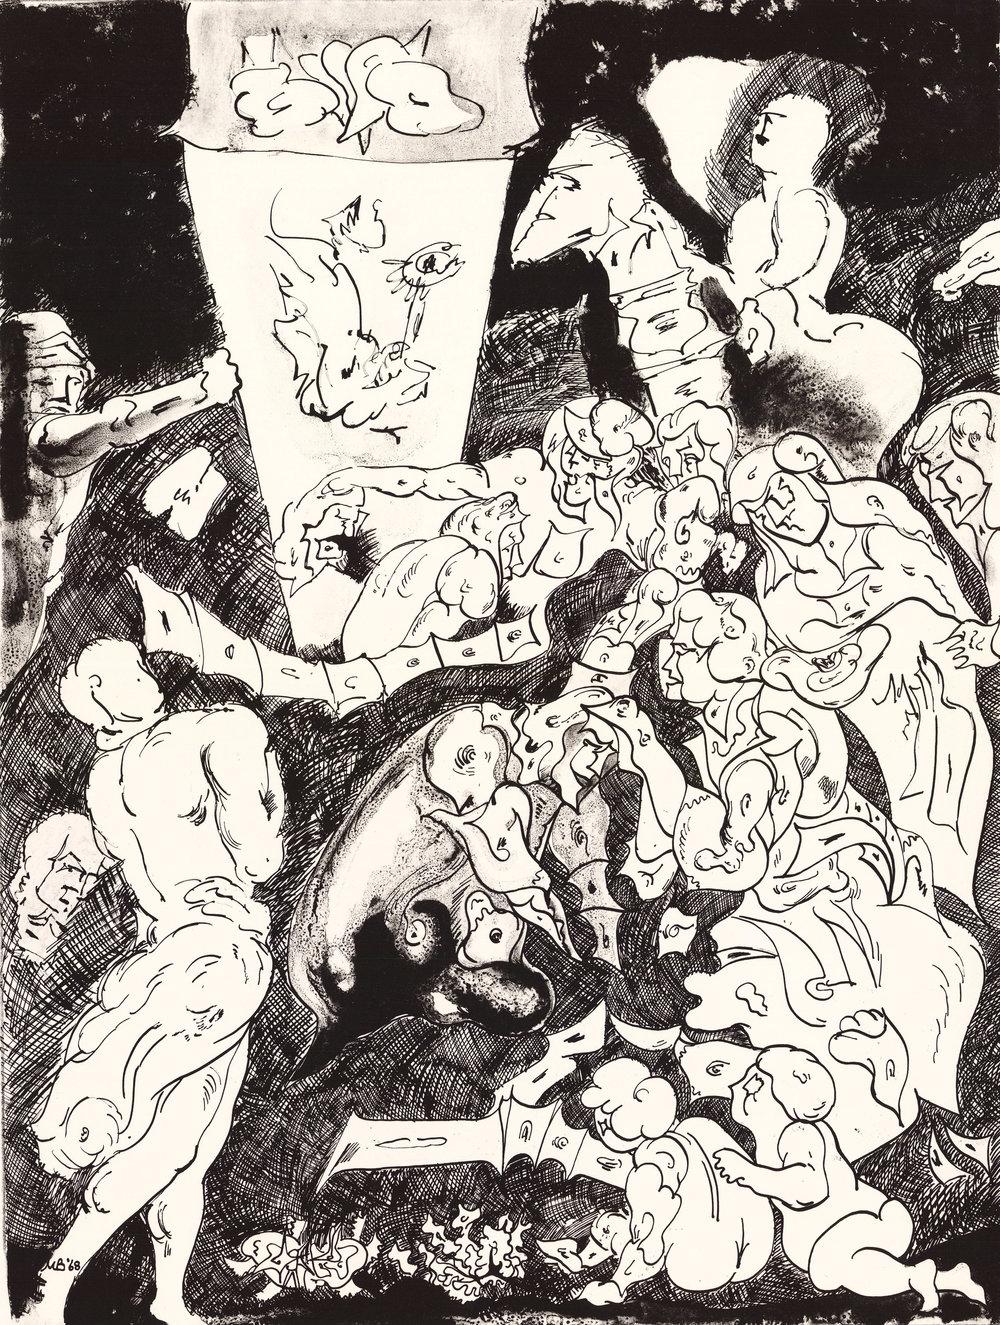 To Rubens. 1968.